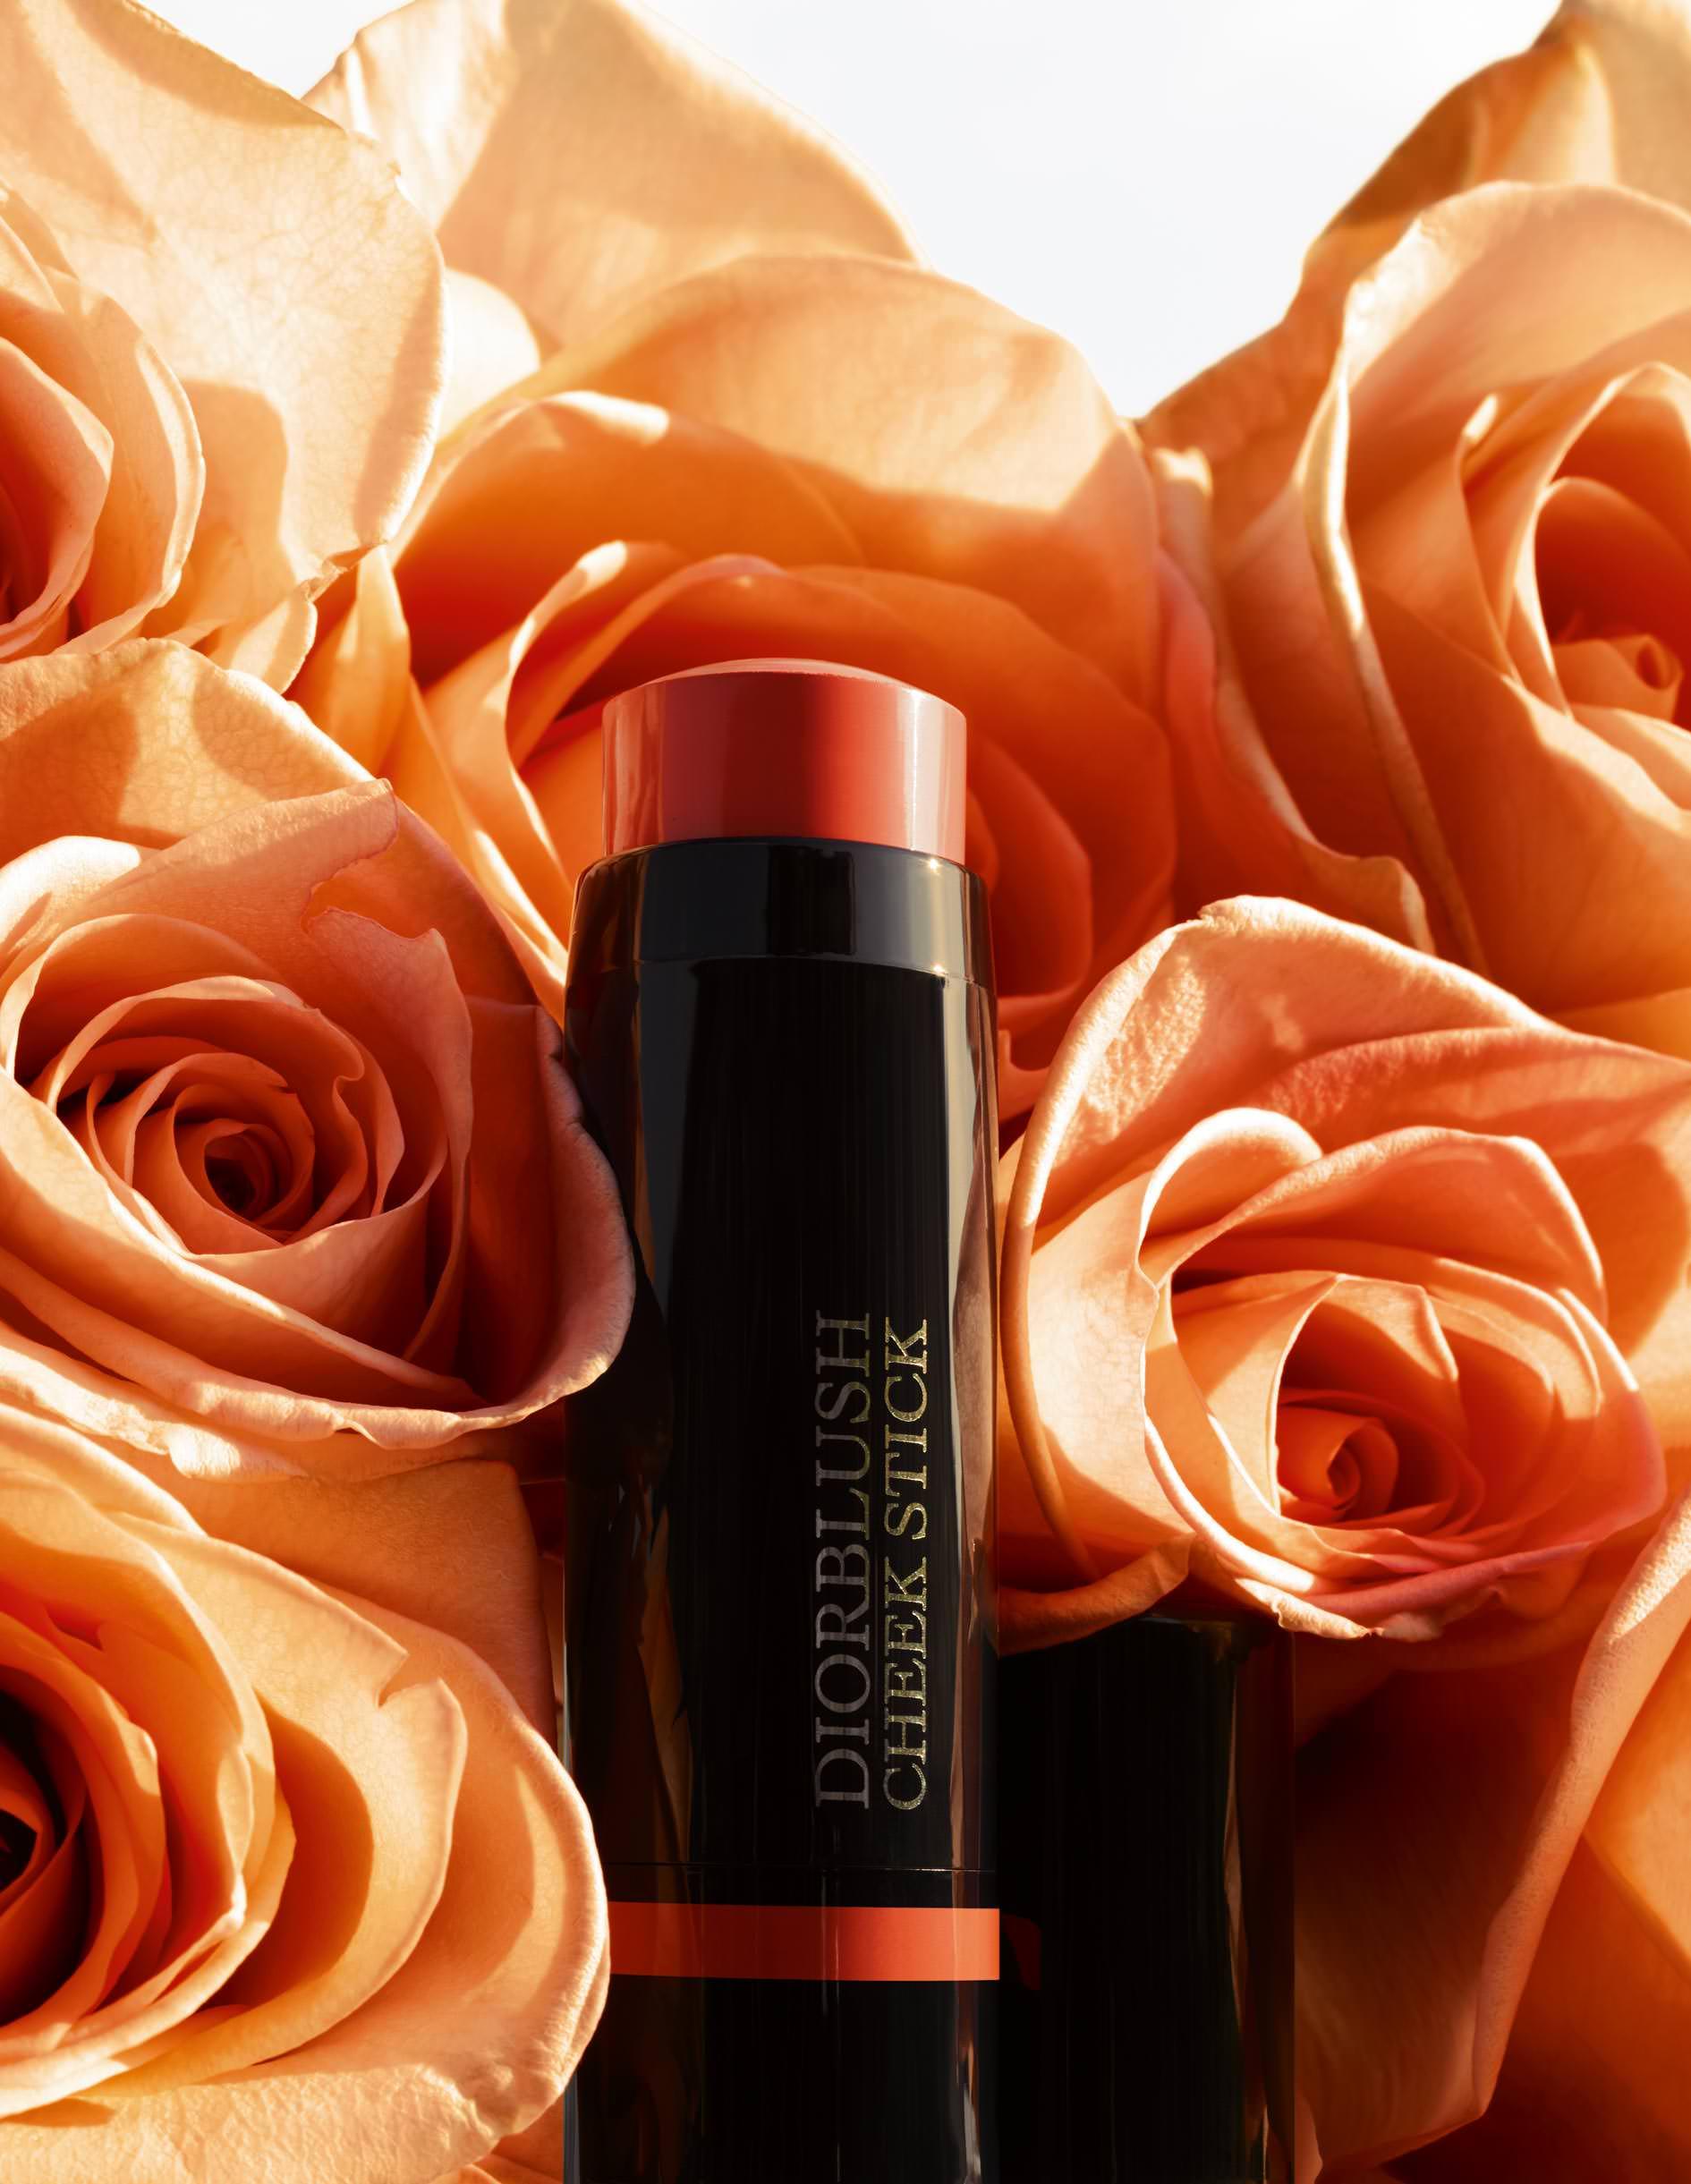 """Une nuance orangedahlia en stick maxi pour un effet belle mine veloutée. """"Collection Cosmopolite, Diorblush Cheek Stick, n°675 Cosmopolite Coral"""", DIOR. En vente dès le 31août."""